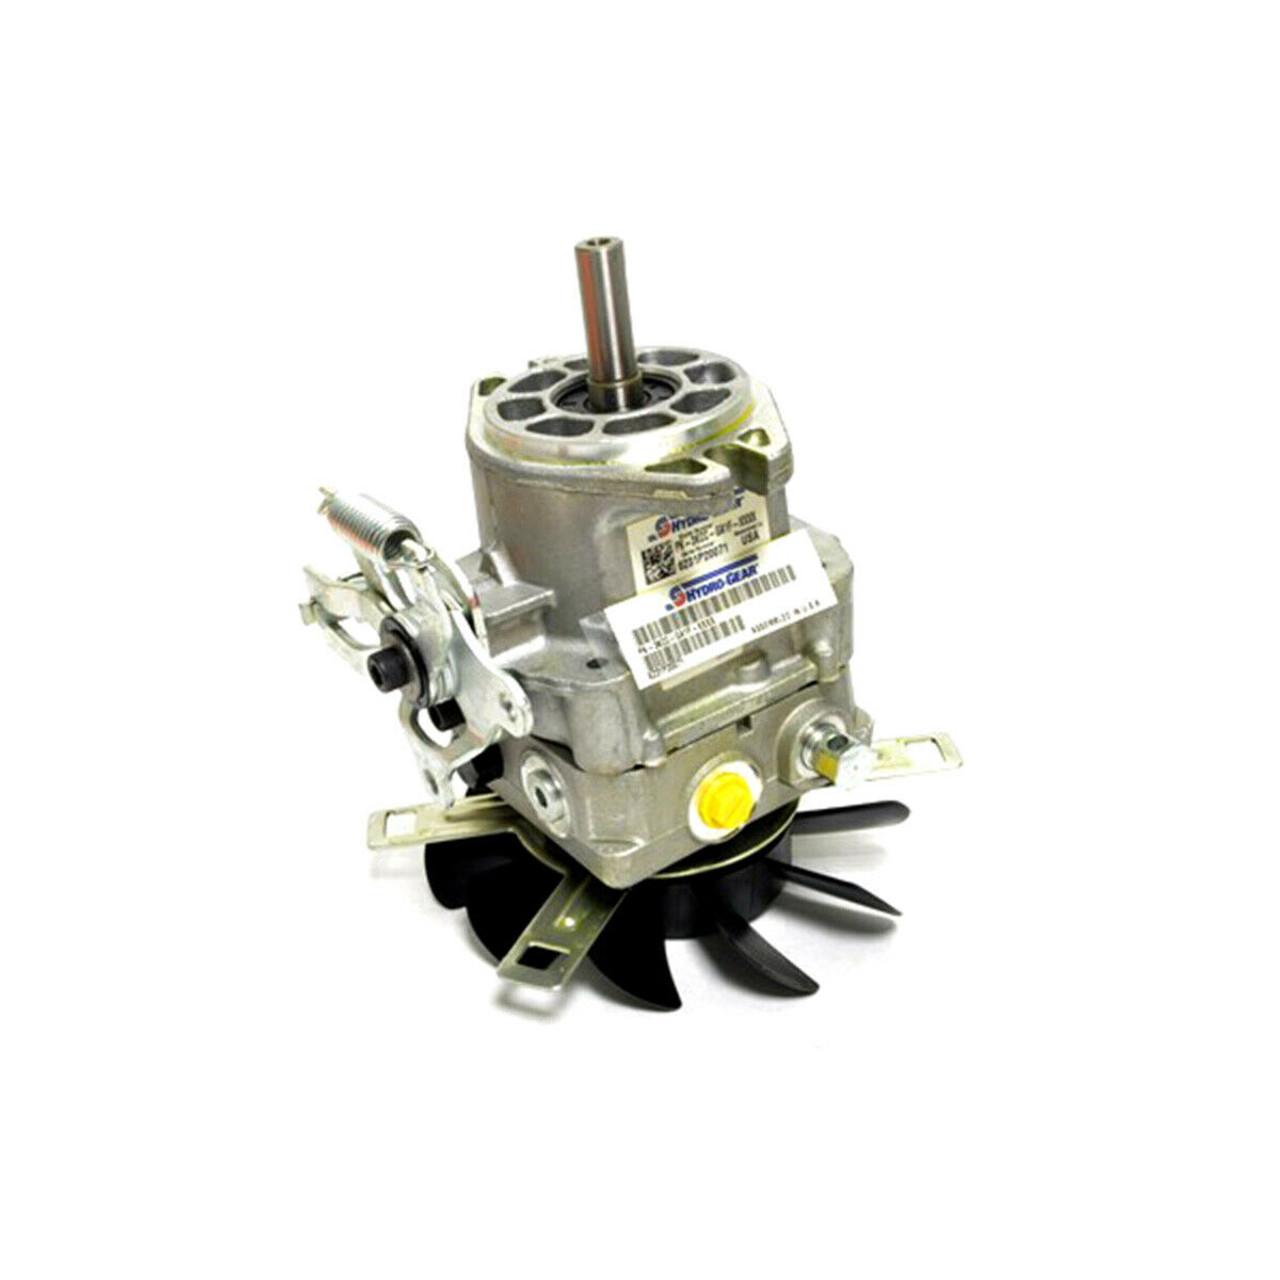 SCAG Genuine OEM Hydrogear Pump with Fan (LH) 12CC 485573